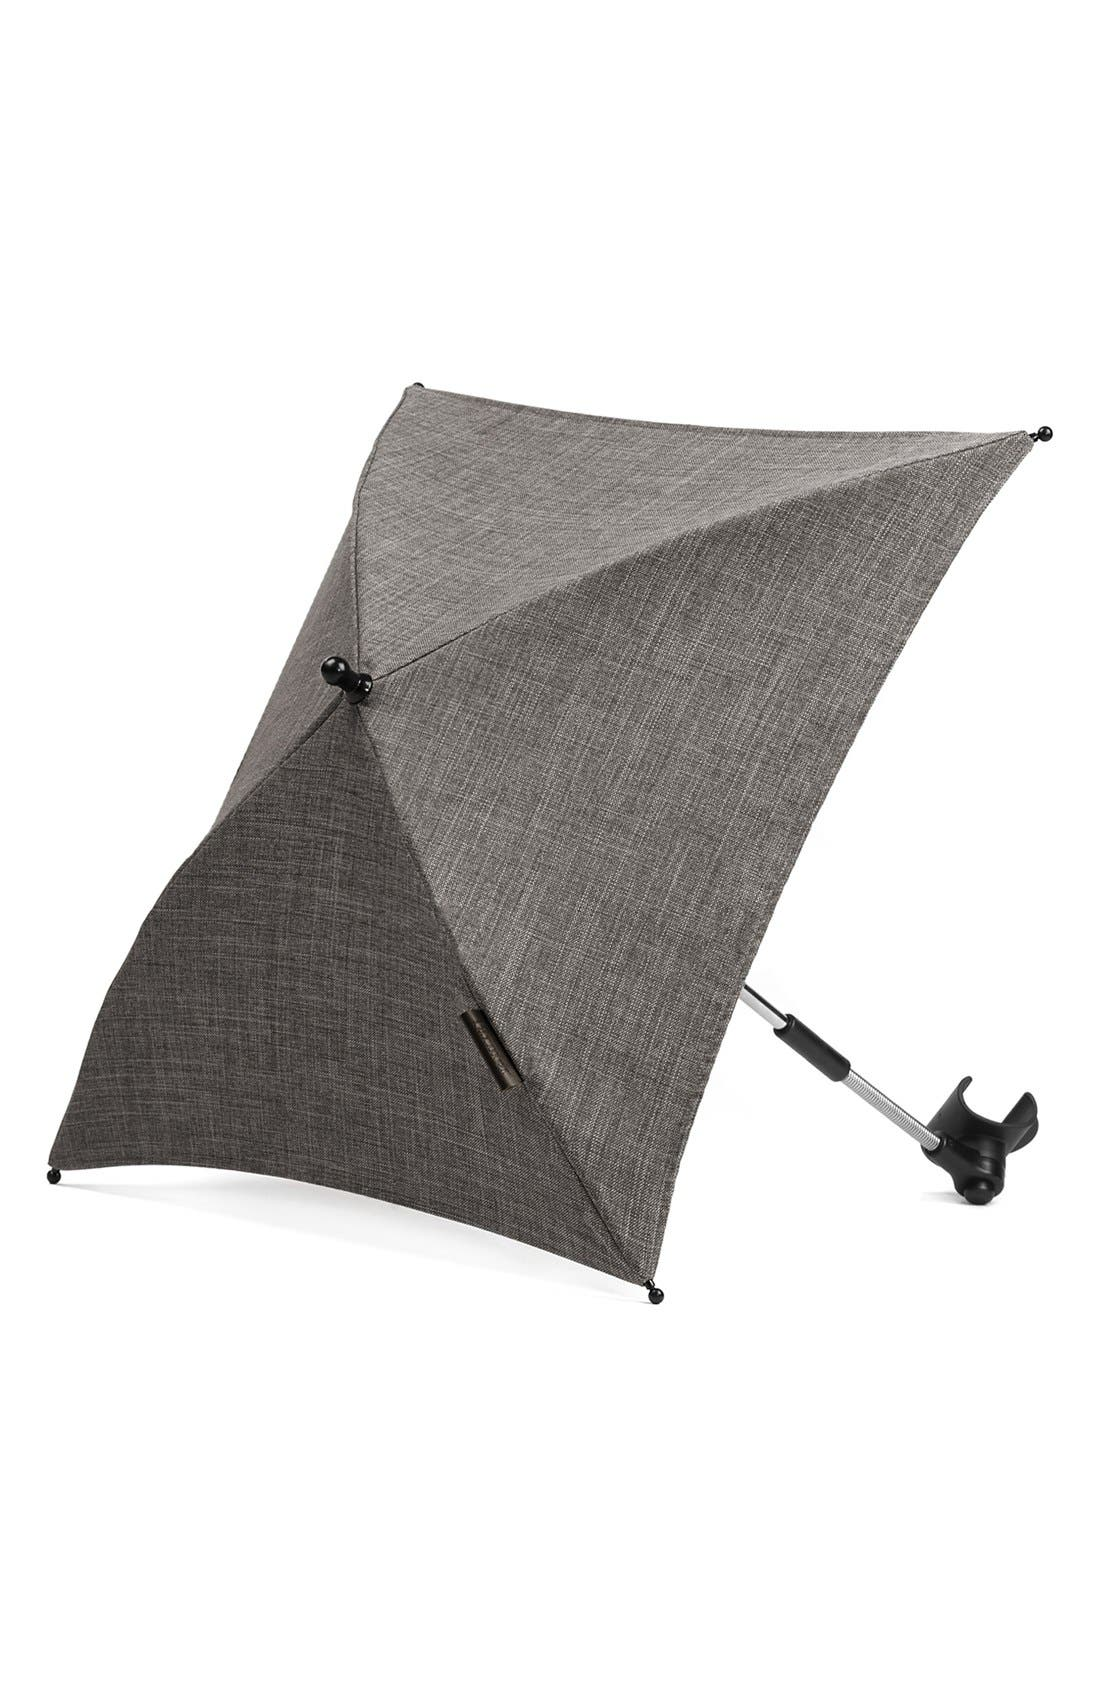 'Igo - Farmer Earth' Stroller Umbrella,                         Main,                         color, 200